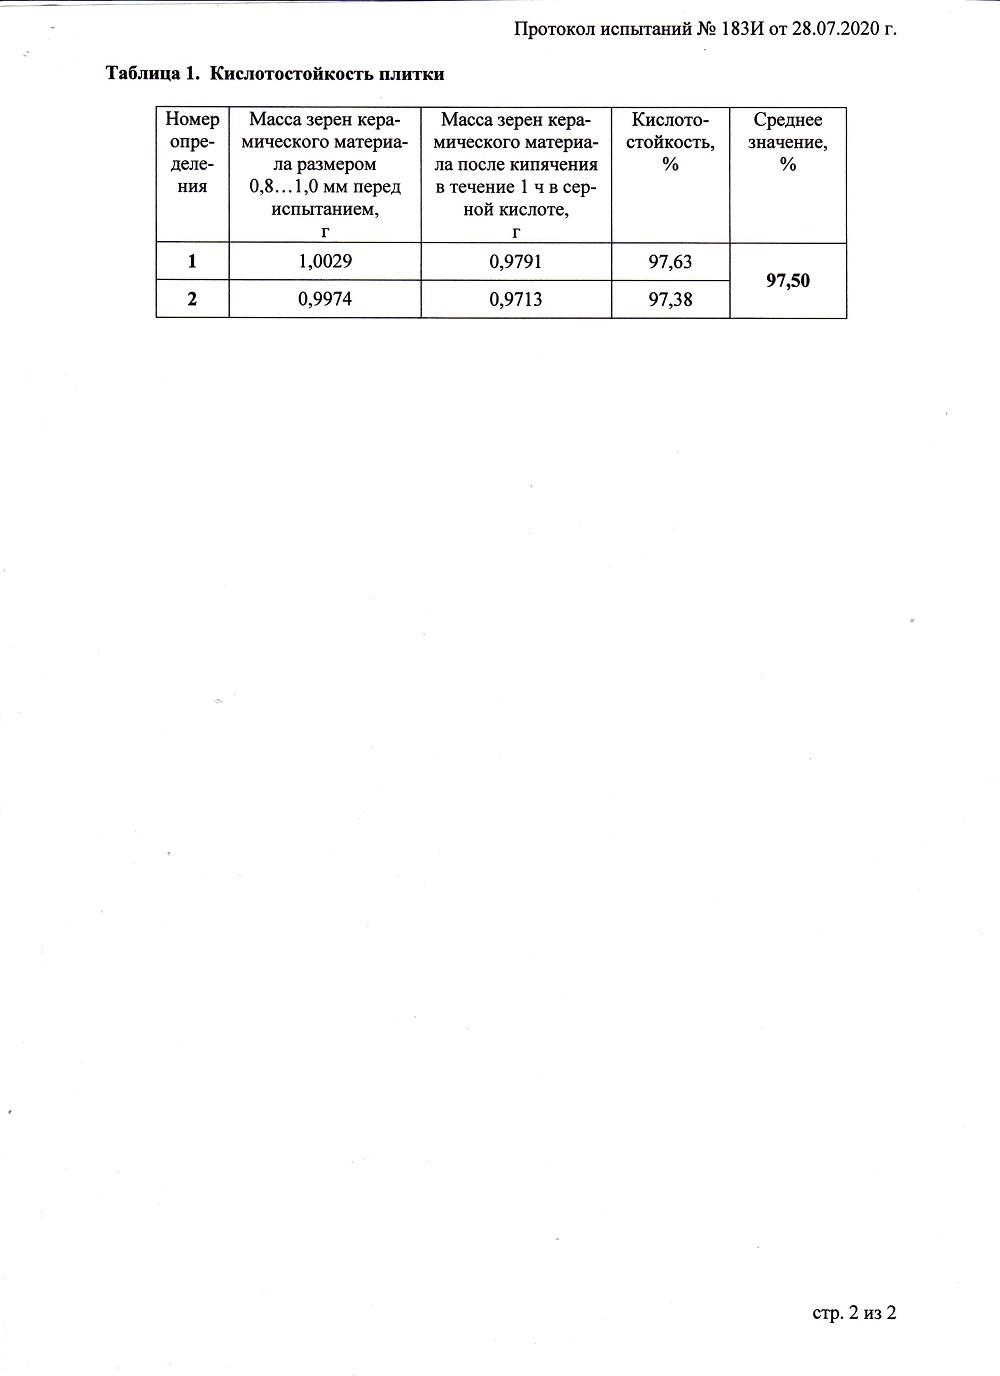 Протокол испытаний на кислотоустойчивость ESTIMA